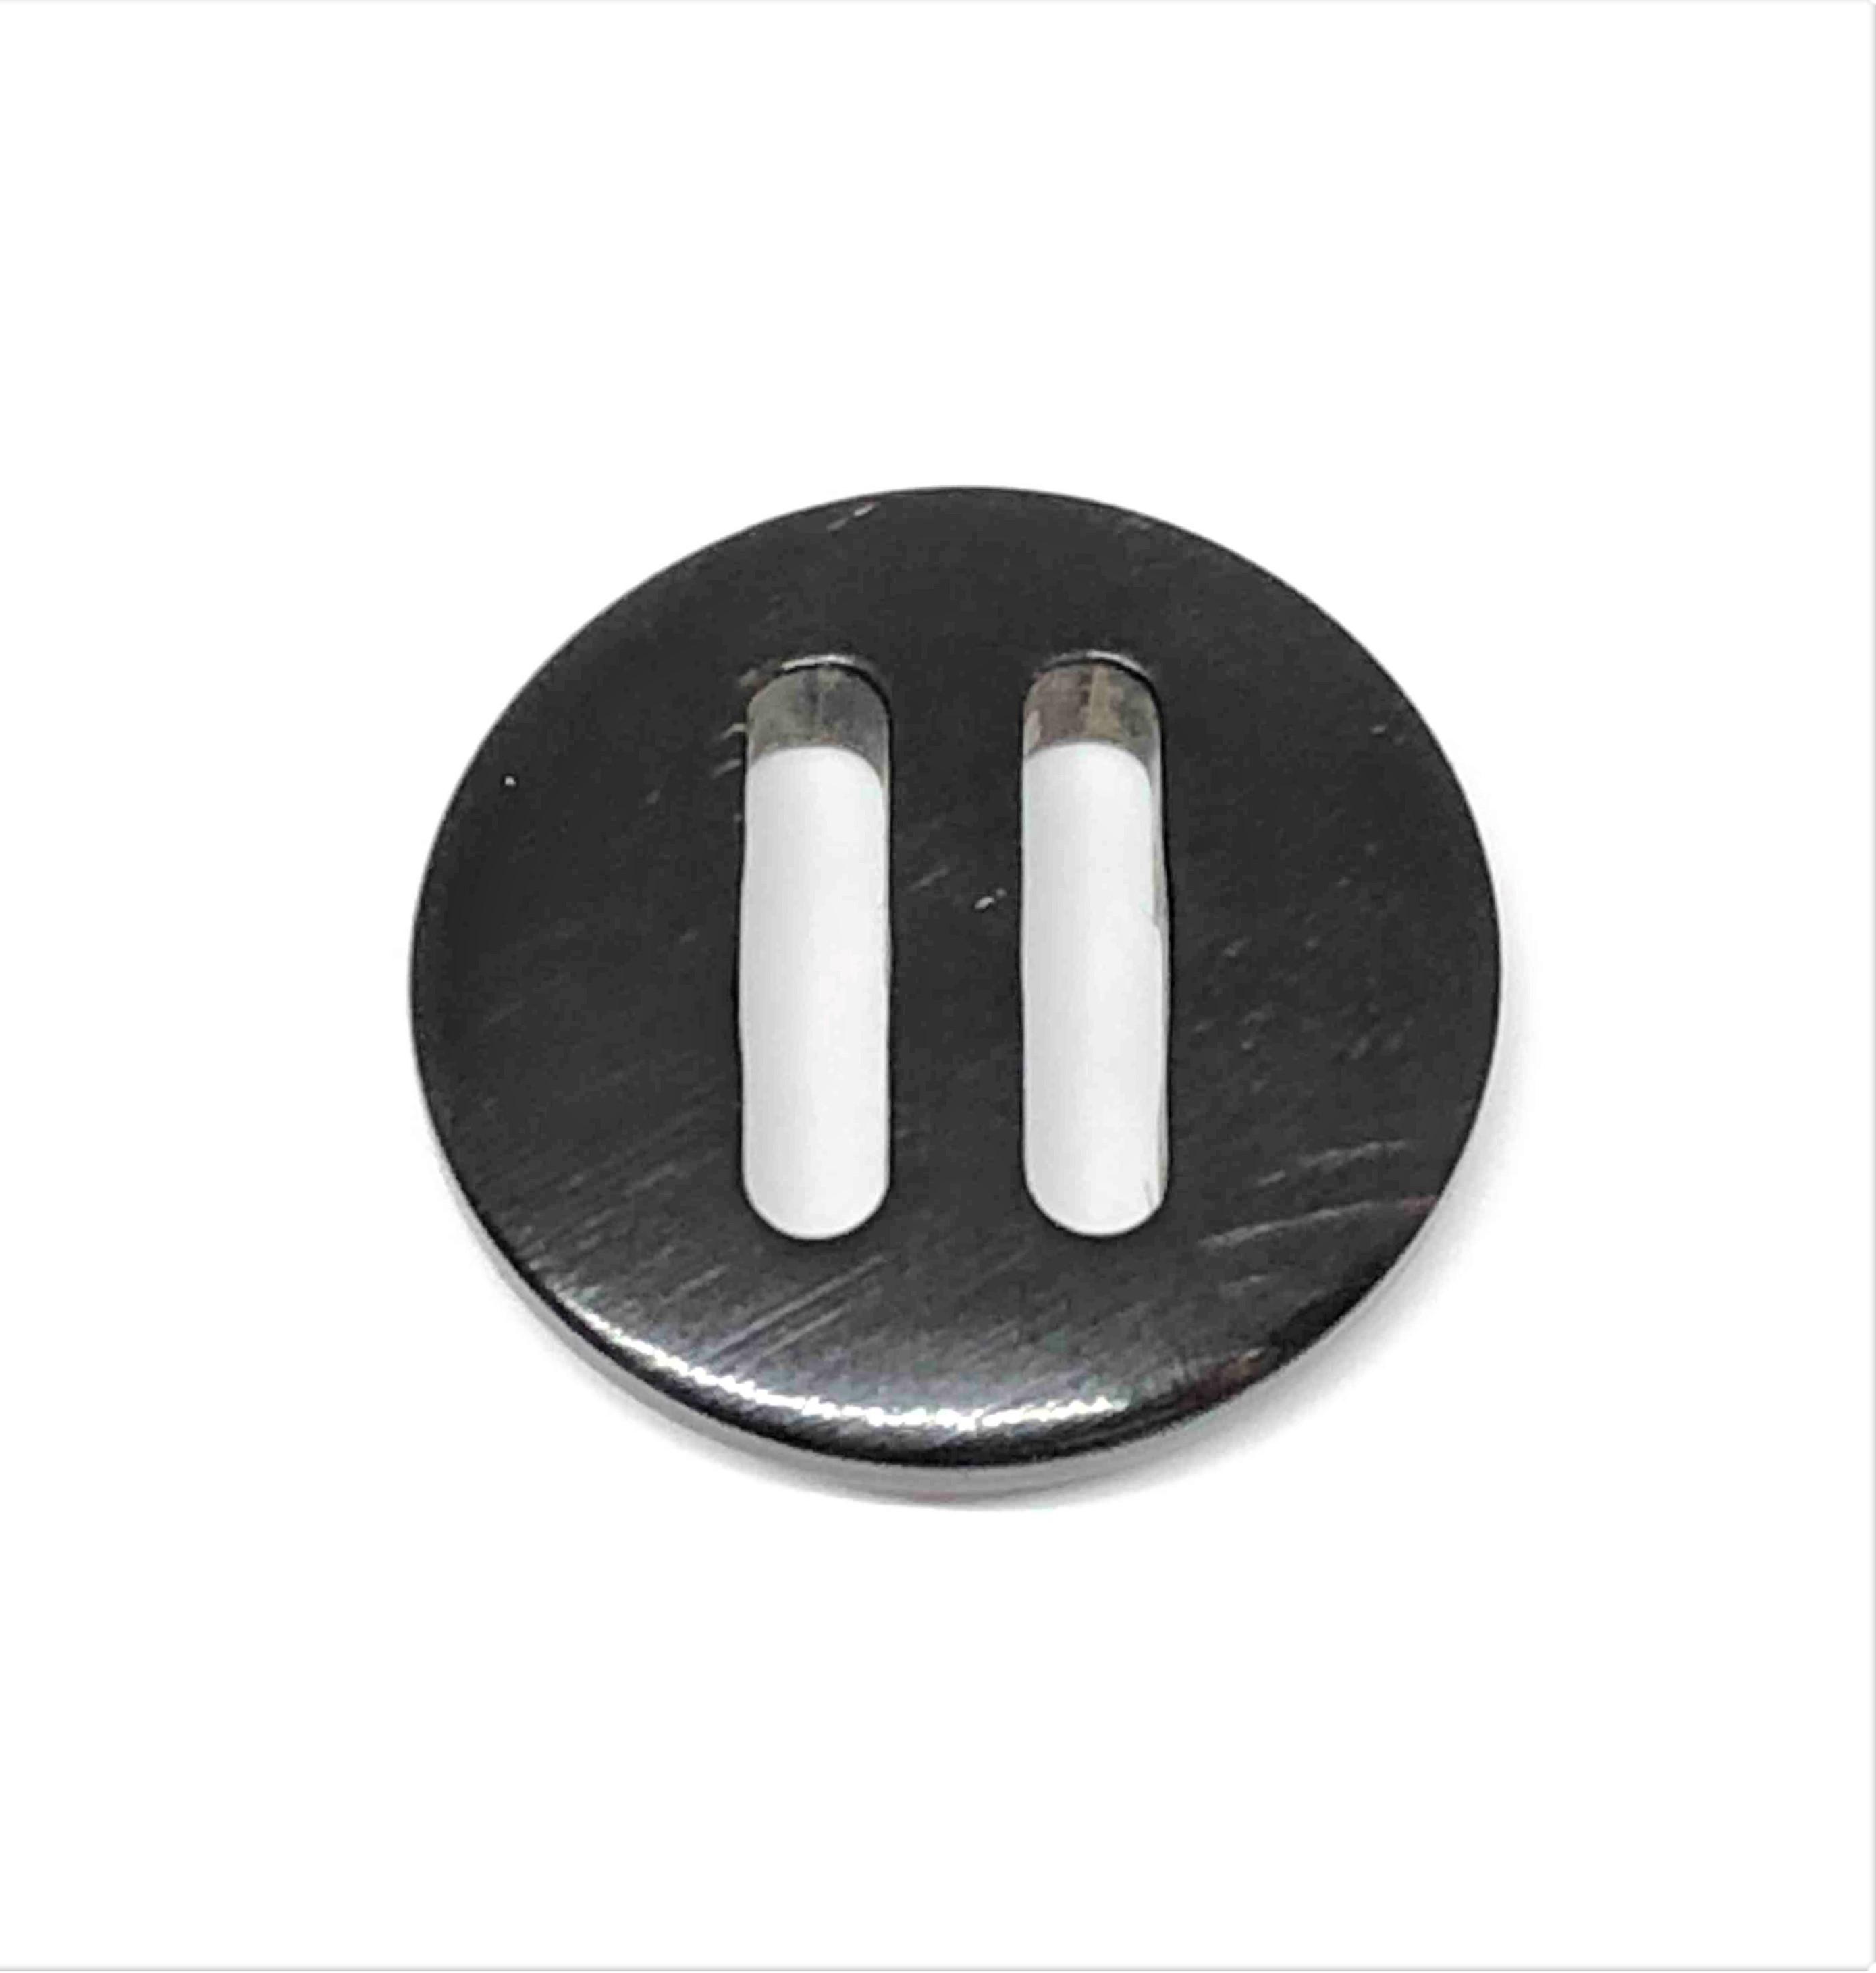 TGH-1002 オリジナル パラシュート水牛ボタン オークラ商事 - ApparelX アパレル資材卸通販